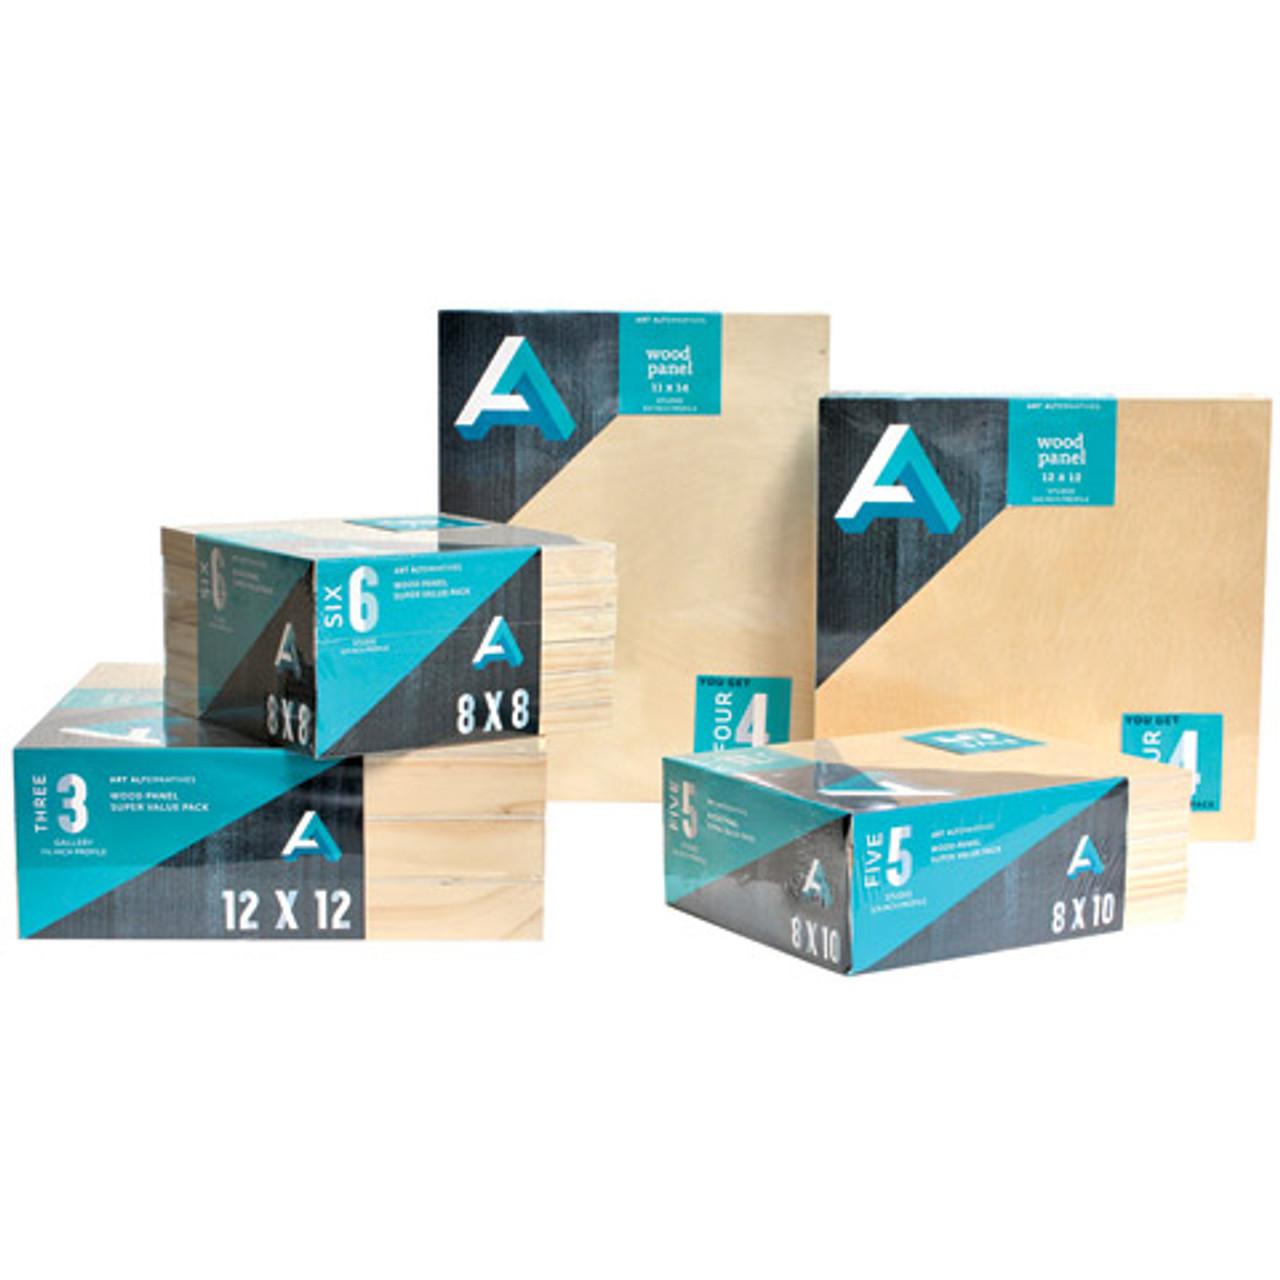 Wood Panel Super Value 3-Pack Cradled 12x12